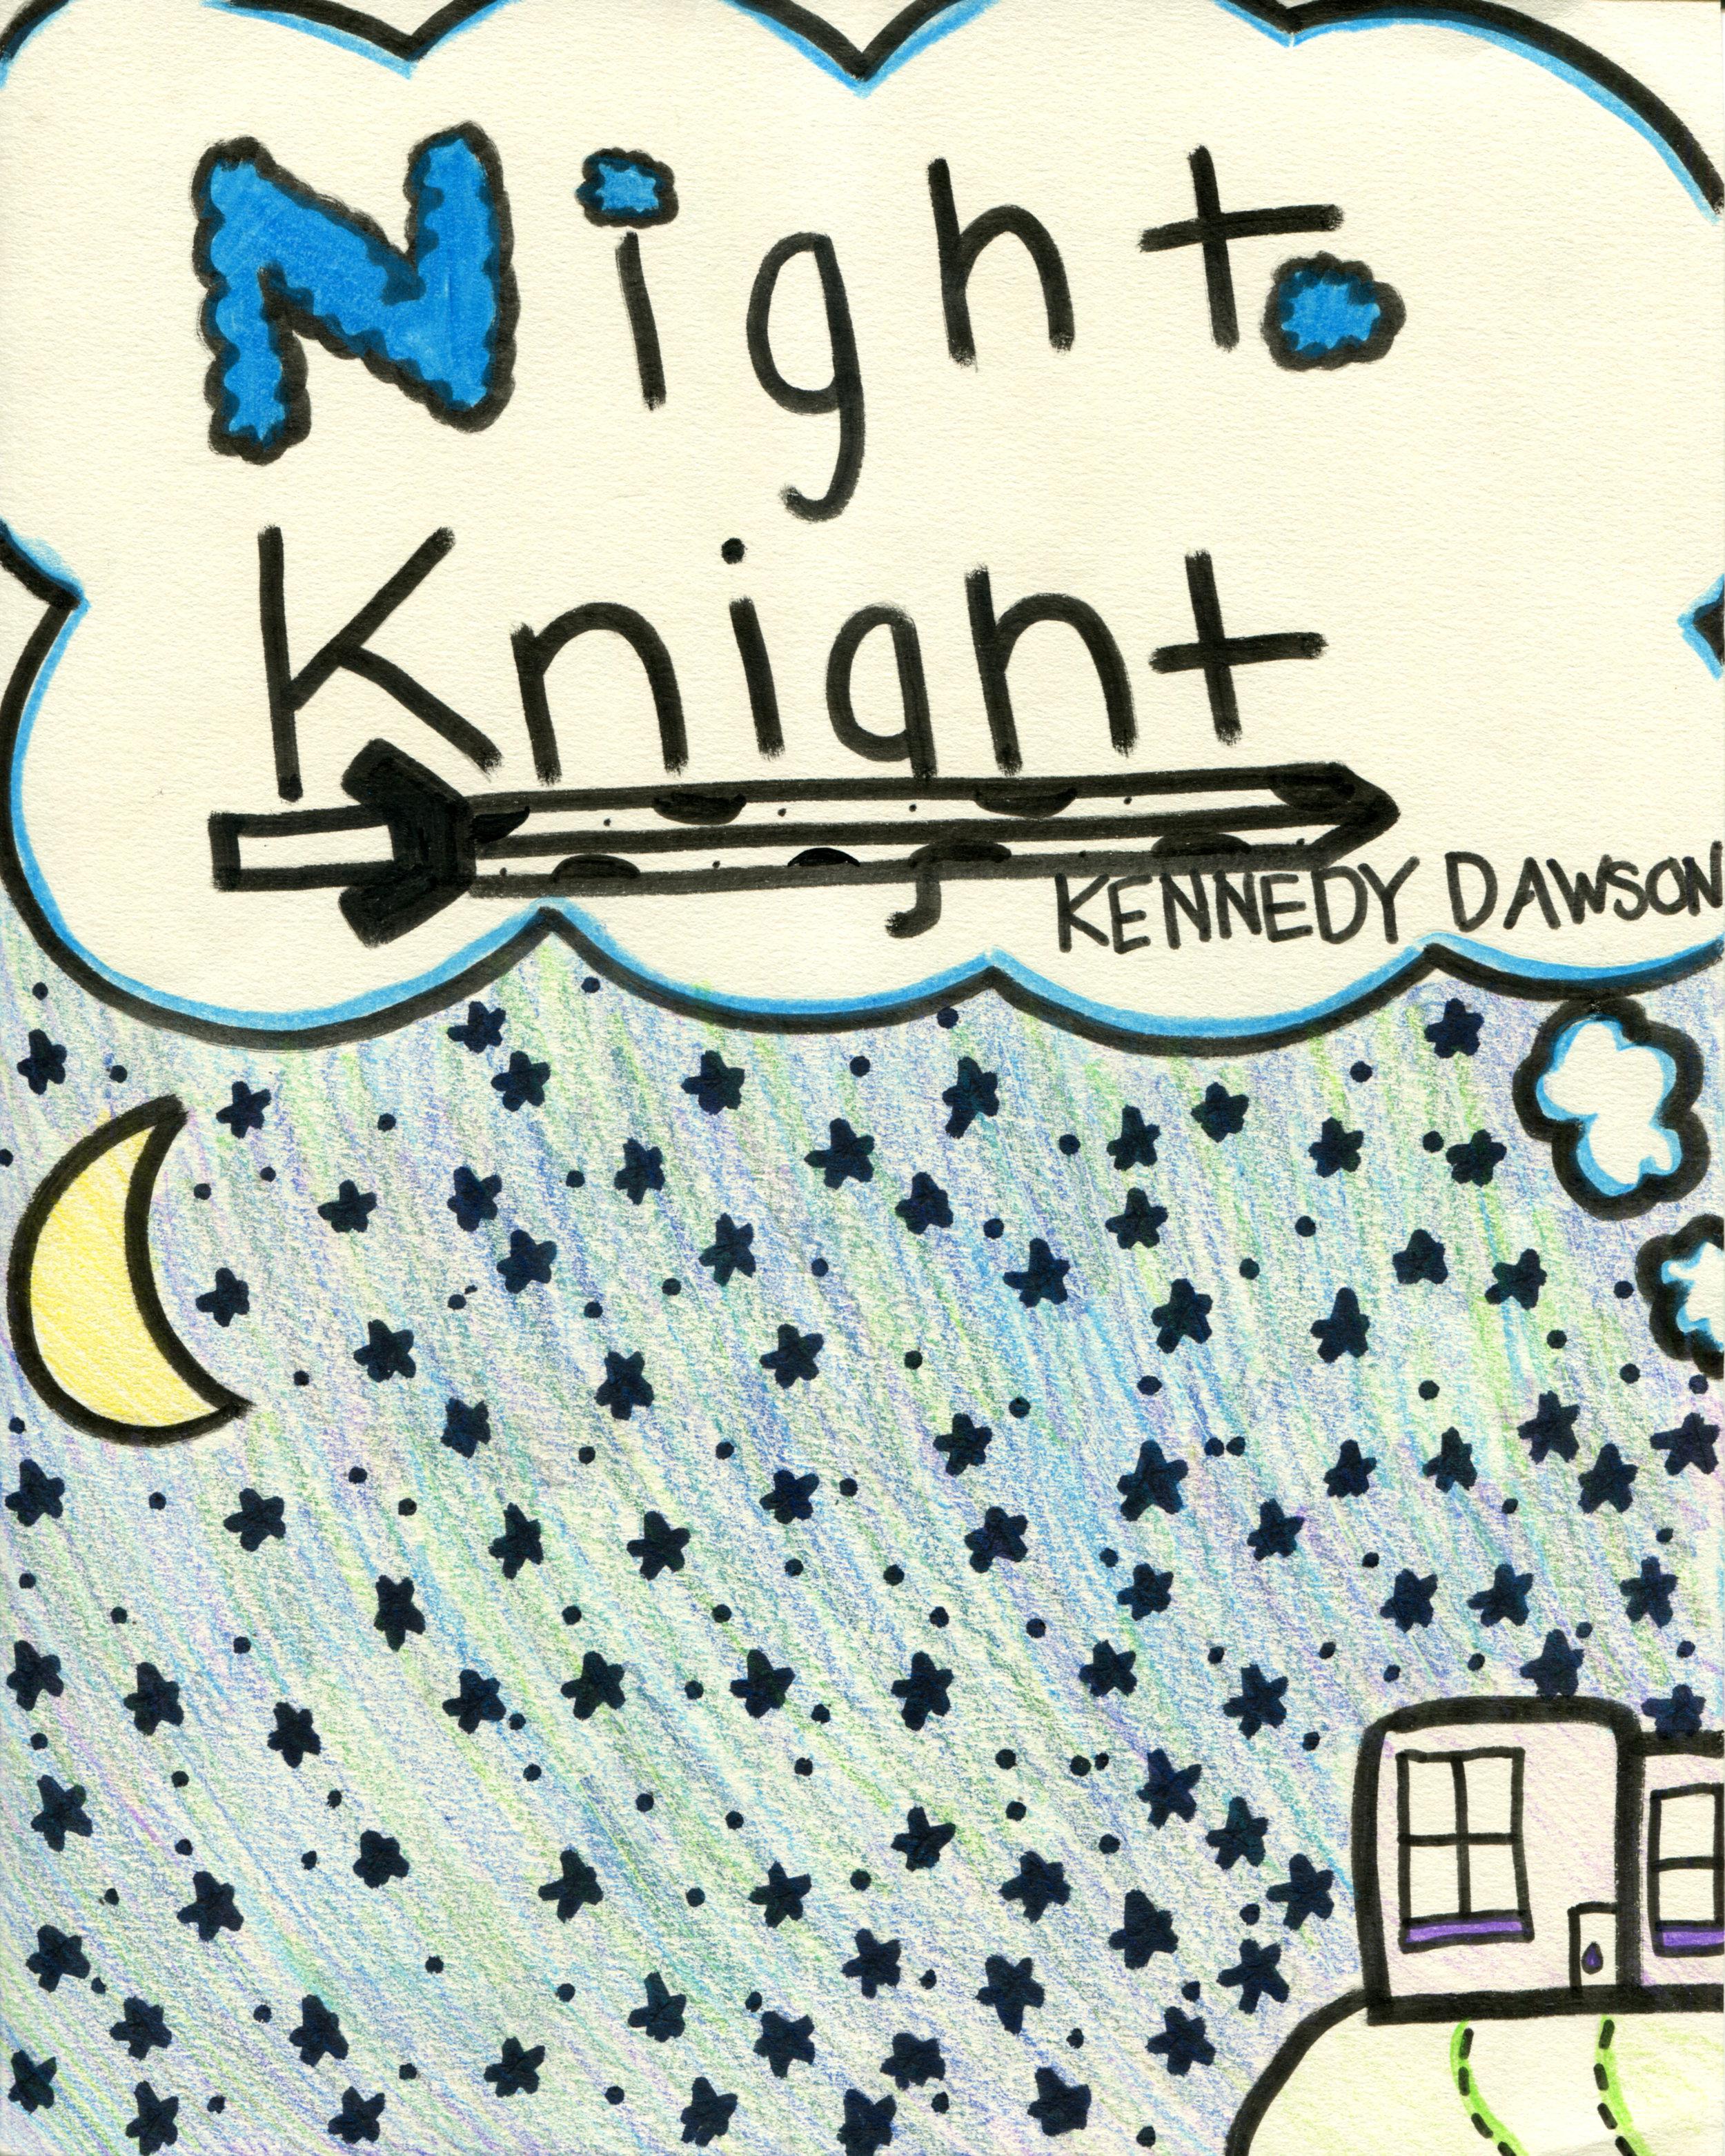 Night Knight    by Kennedy Dawson